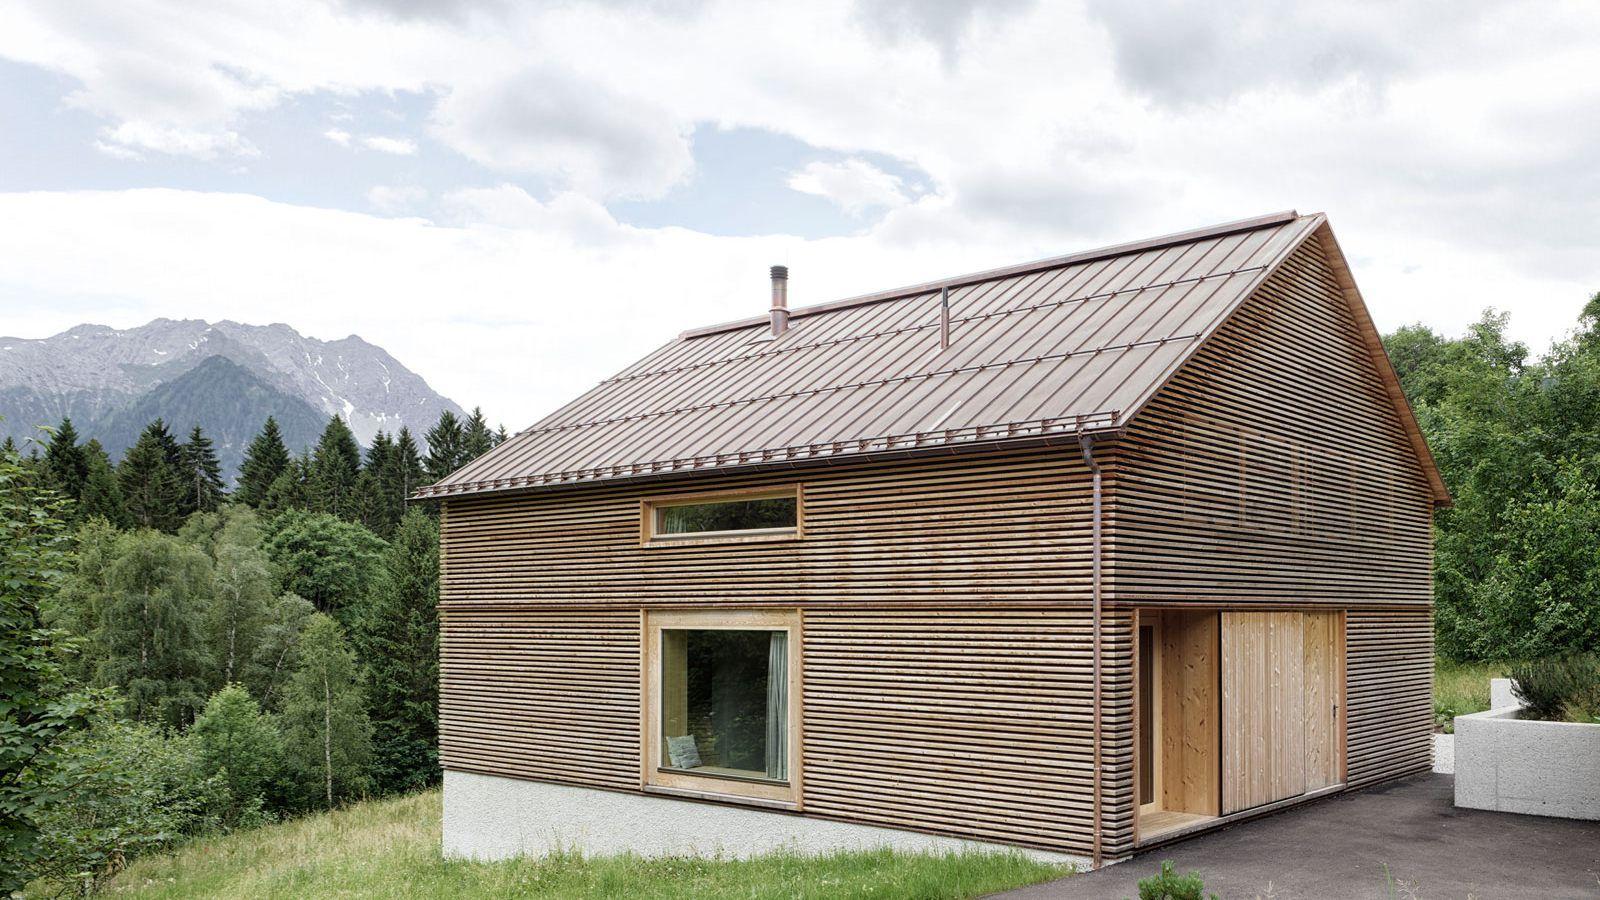 Vorarlberger architekten r umen bei wettbewerb mit einfamilienh usern ab vorarlberg vol at - Bekannte architekten ...